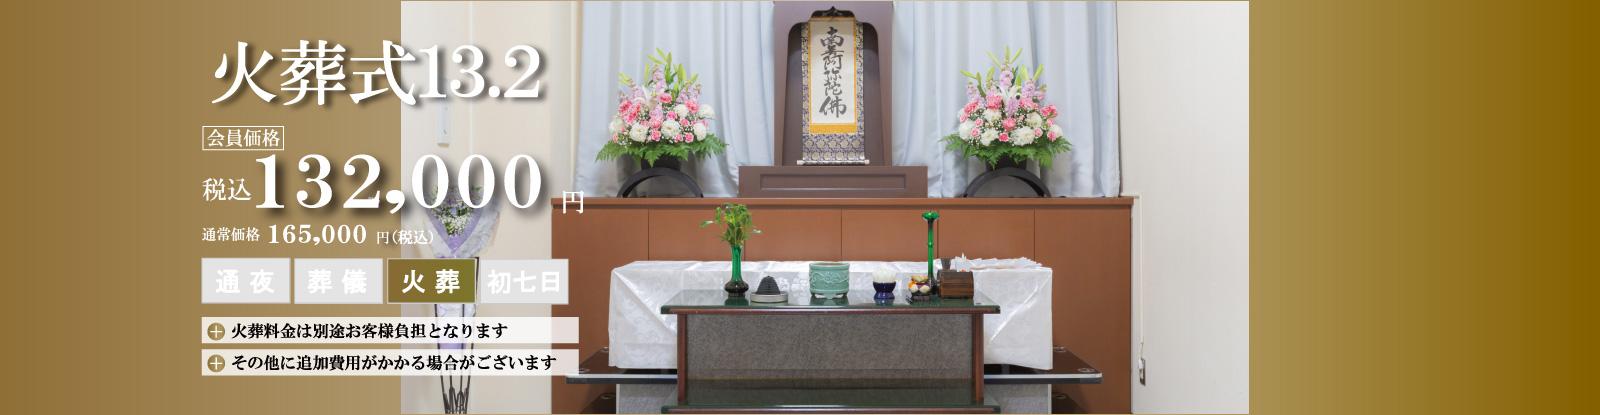 火葬式12